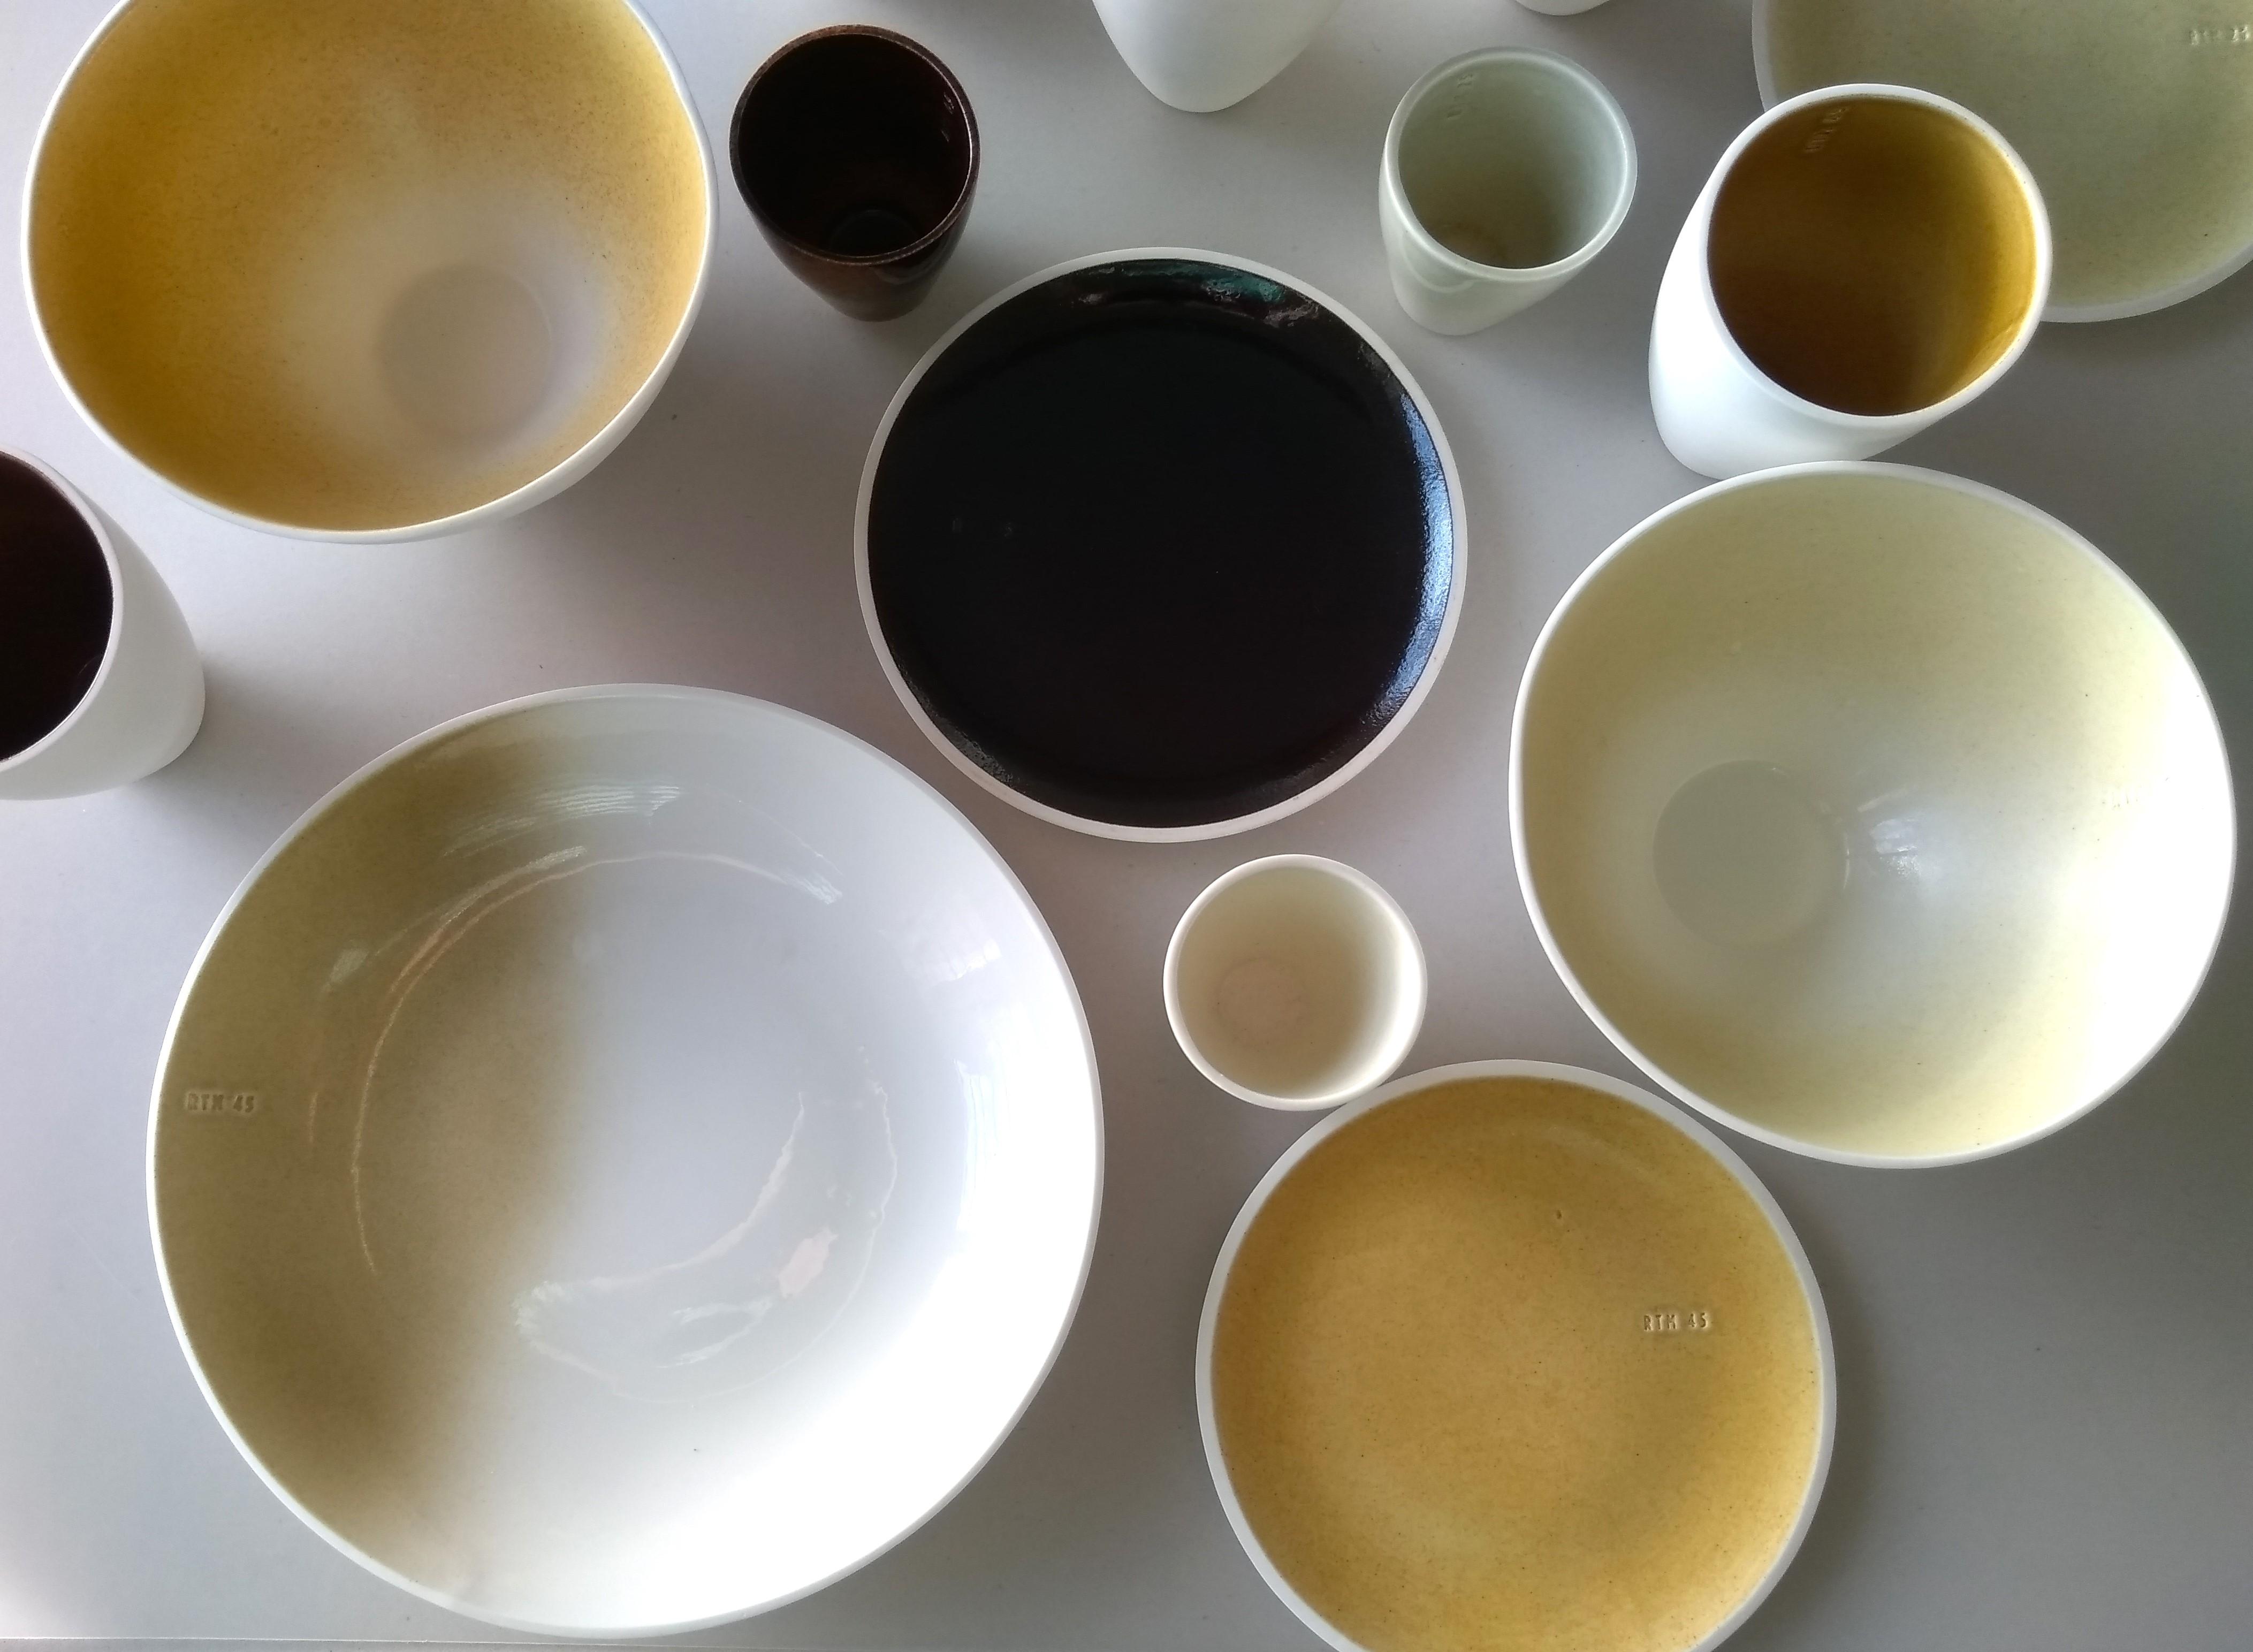 De hoeveelheden fijnstof van 10, 25, 45, 65 en 85 jaar leveren kleurverschillen op.